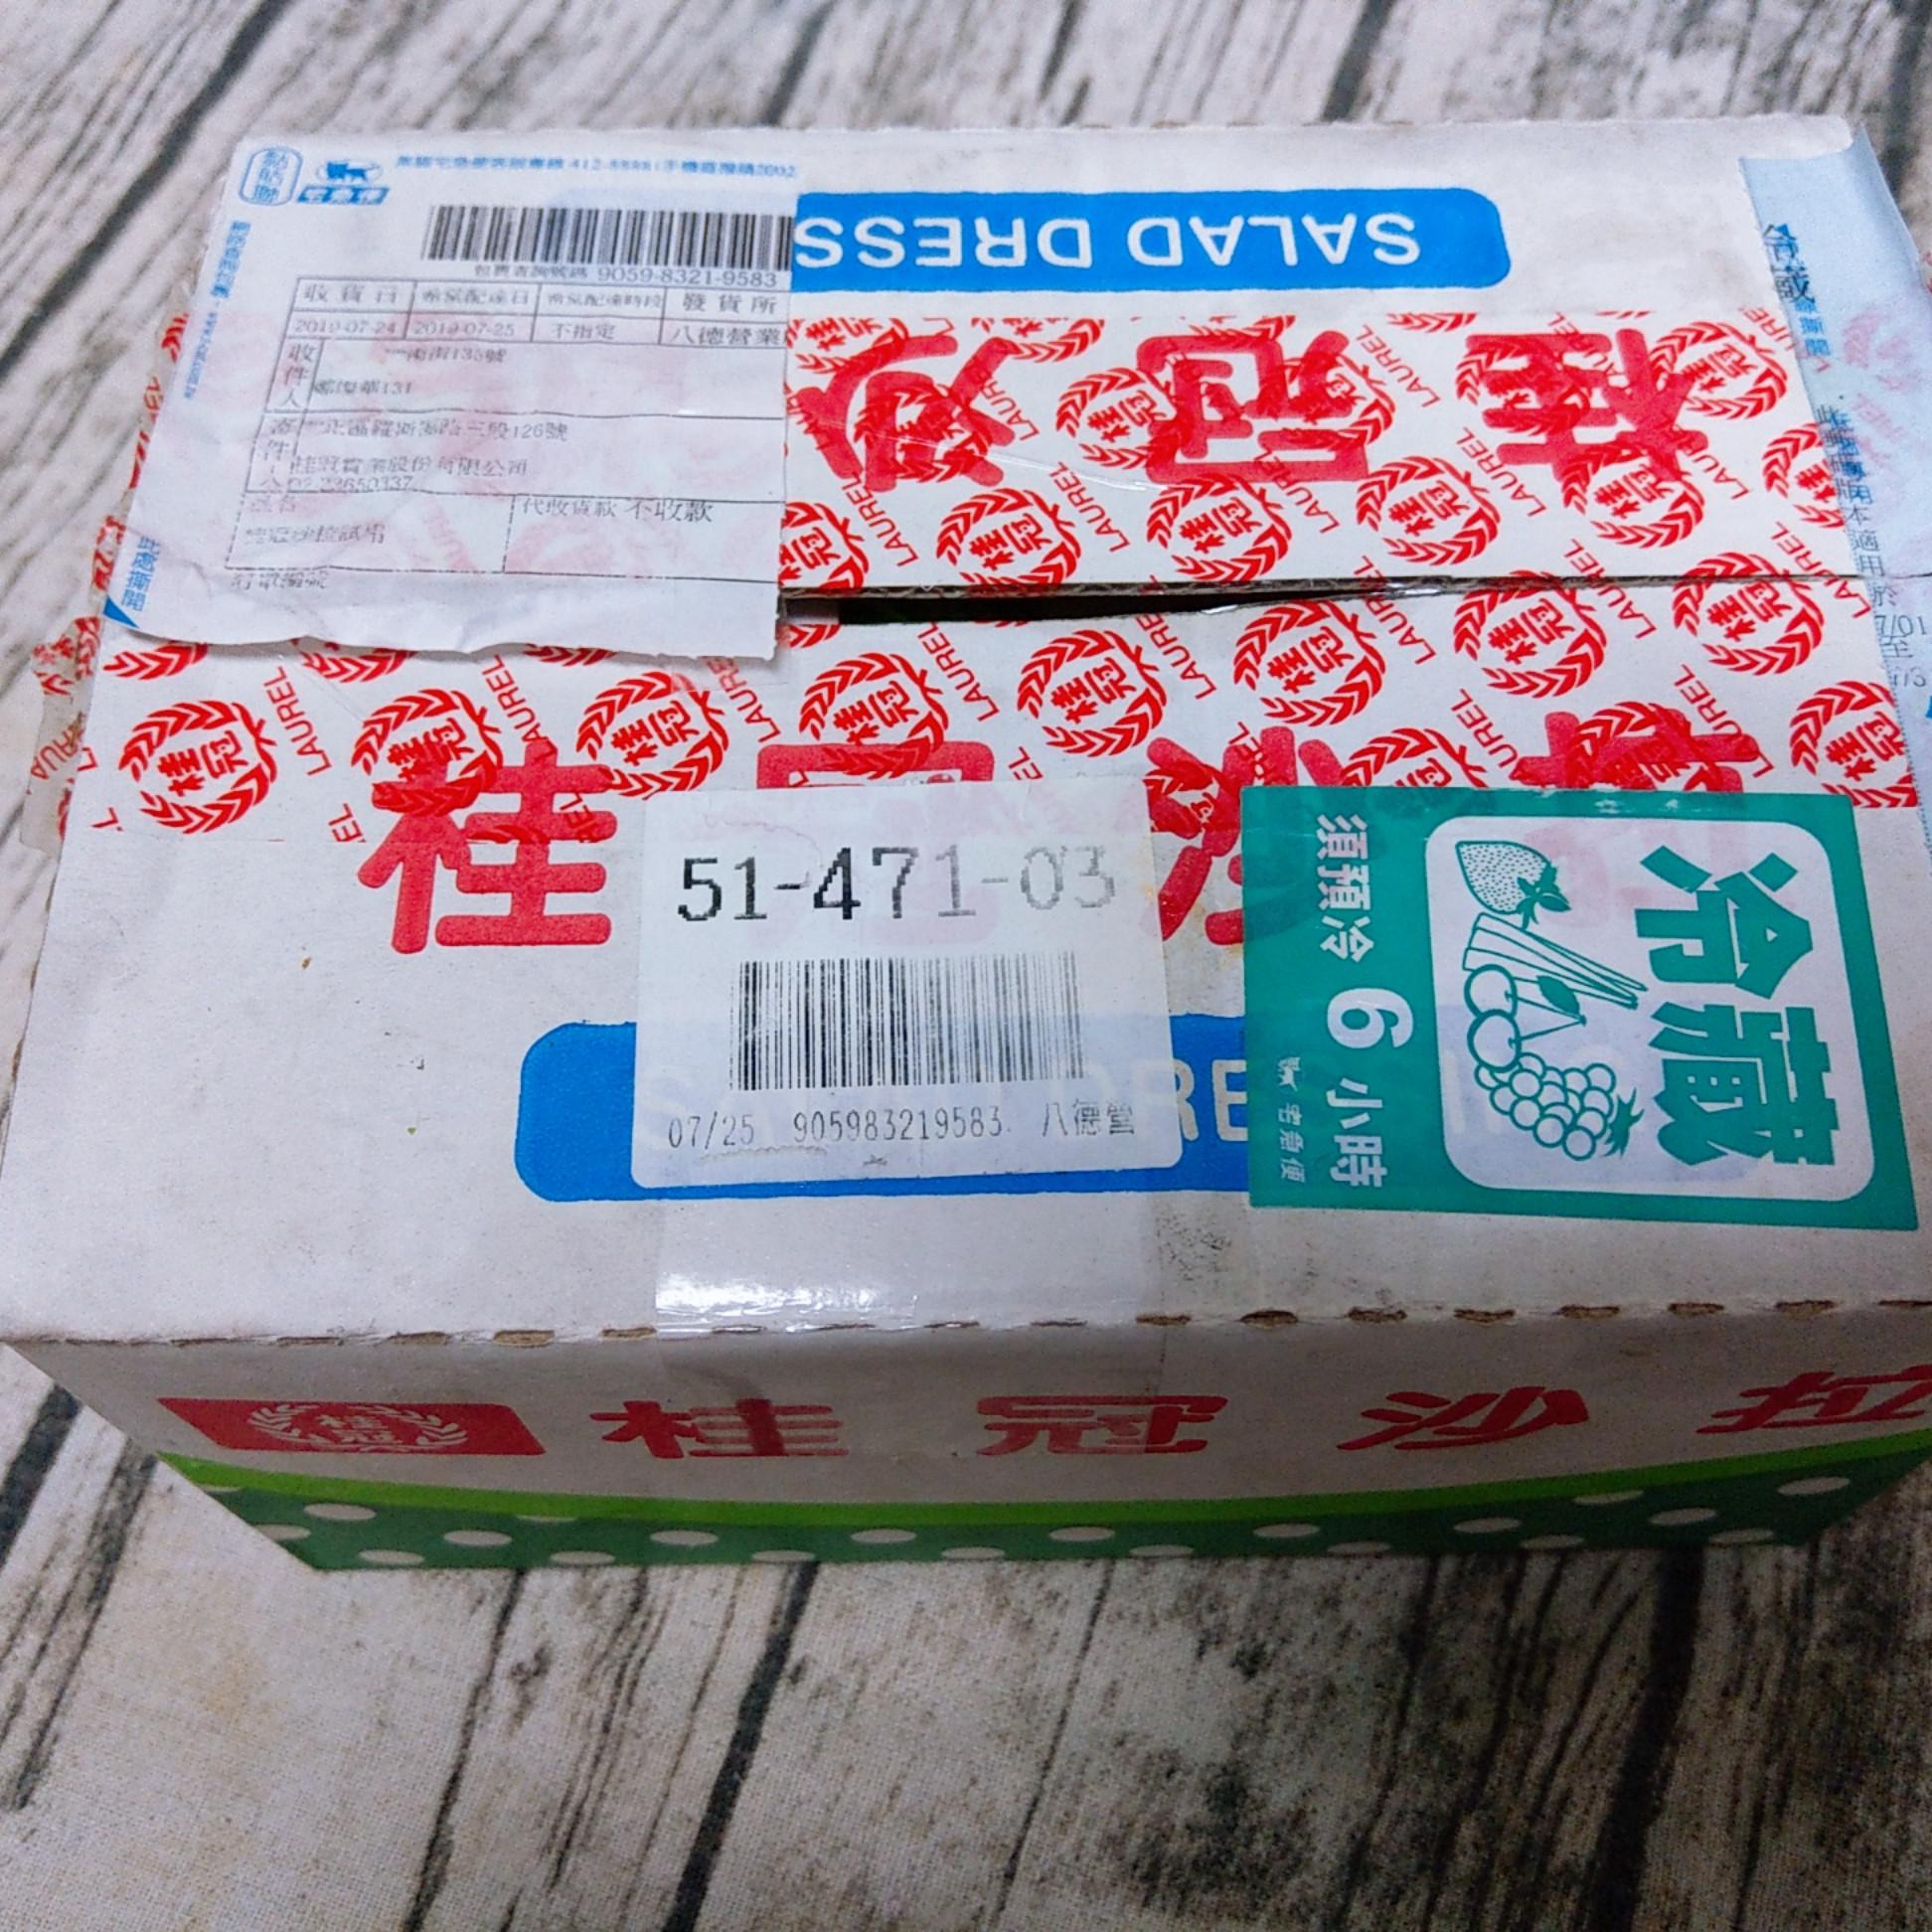 「桂冠風味沙拉醬」開箱&食譜分享的第 1 張圖片